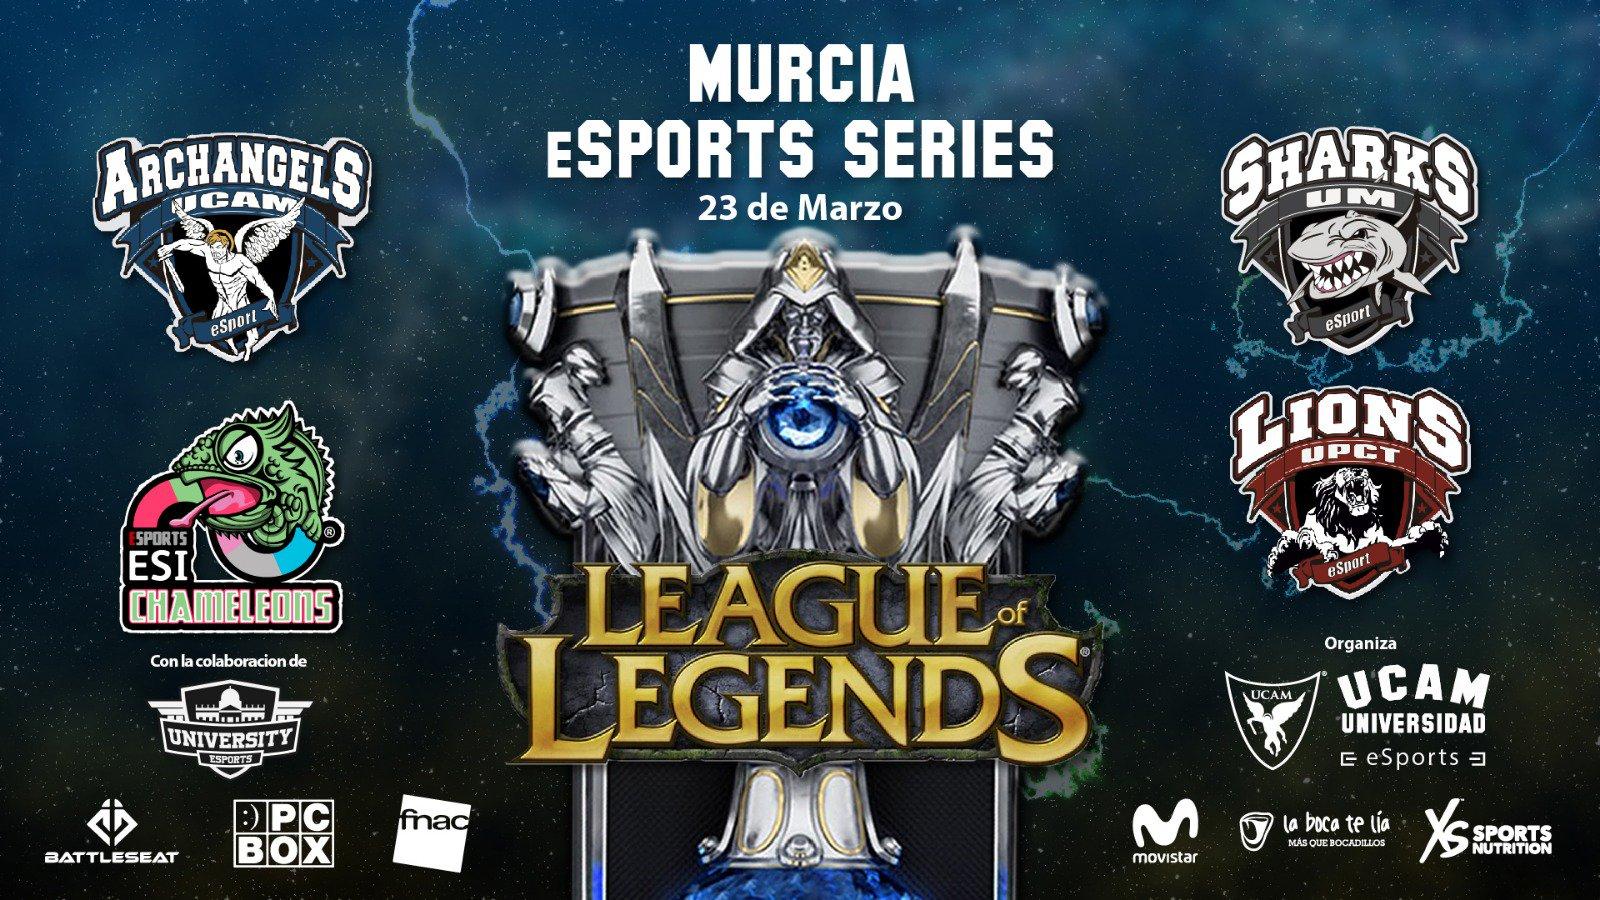 En la foto: Cartel promocional de la I Edición de la Murcia. Serie de deportes electrónicos realizados en Murcia el día sábado 23 de marzo de 2019.